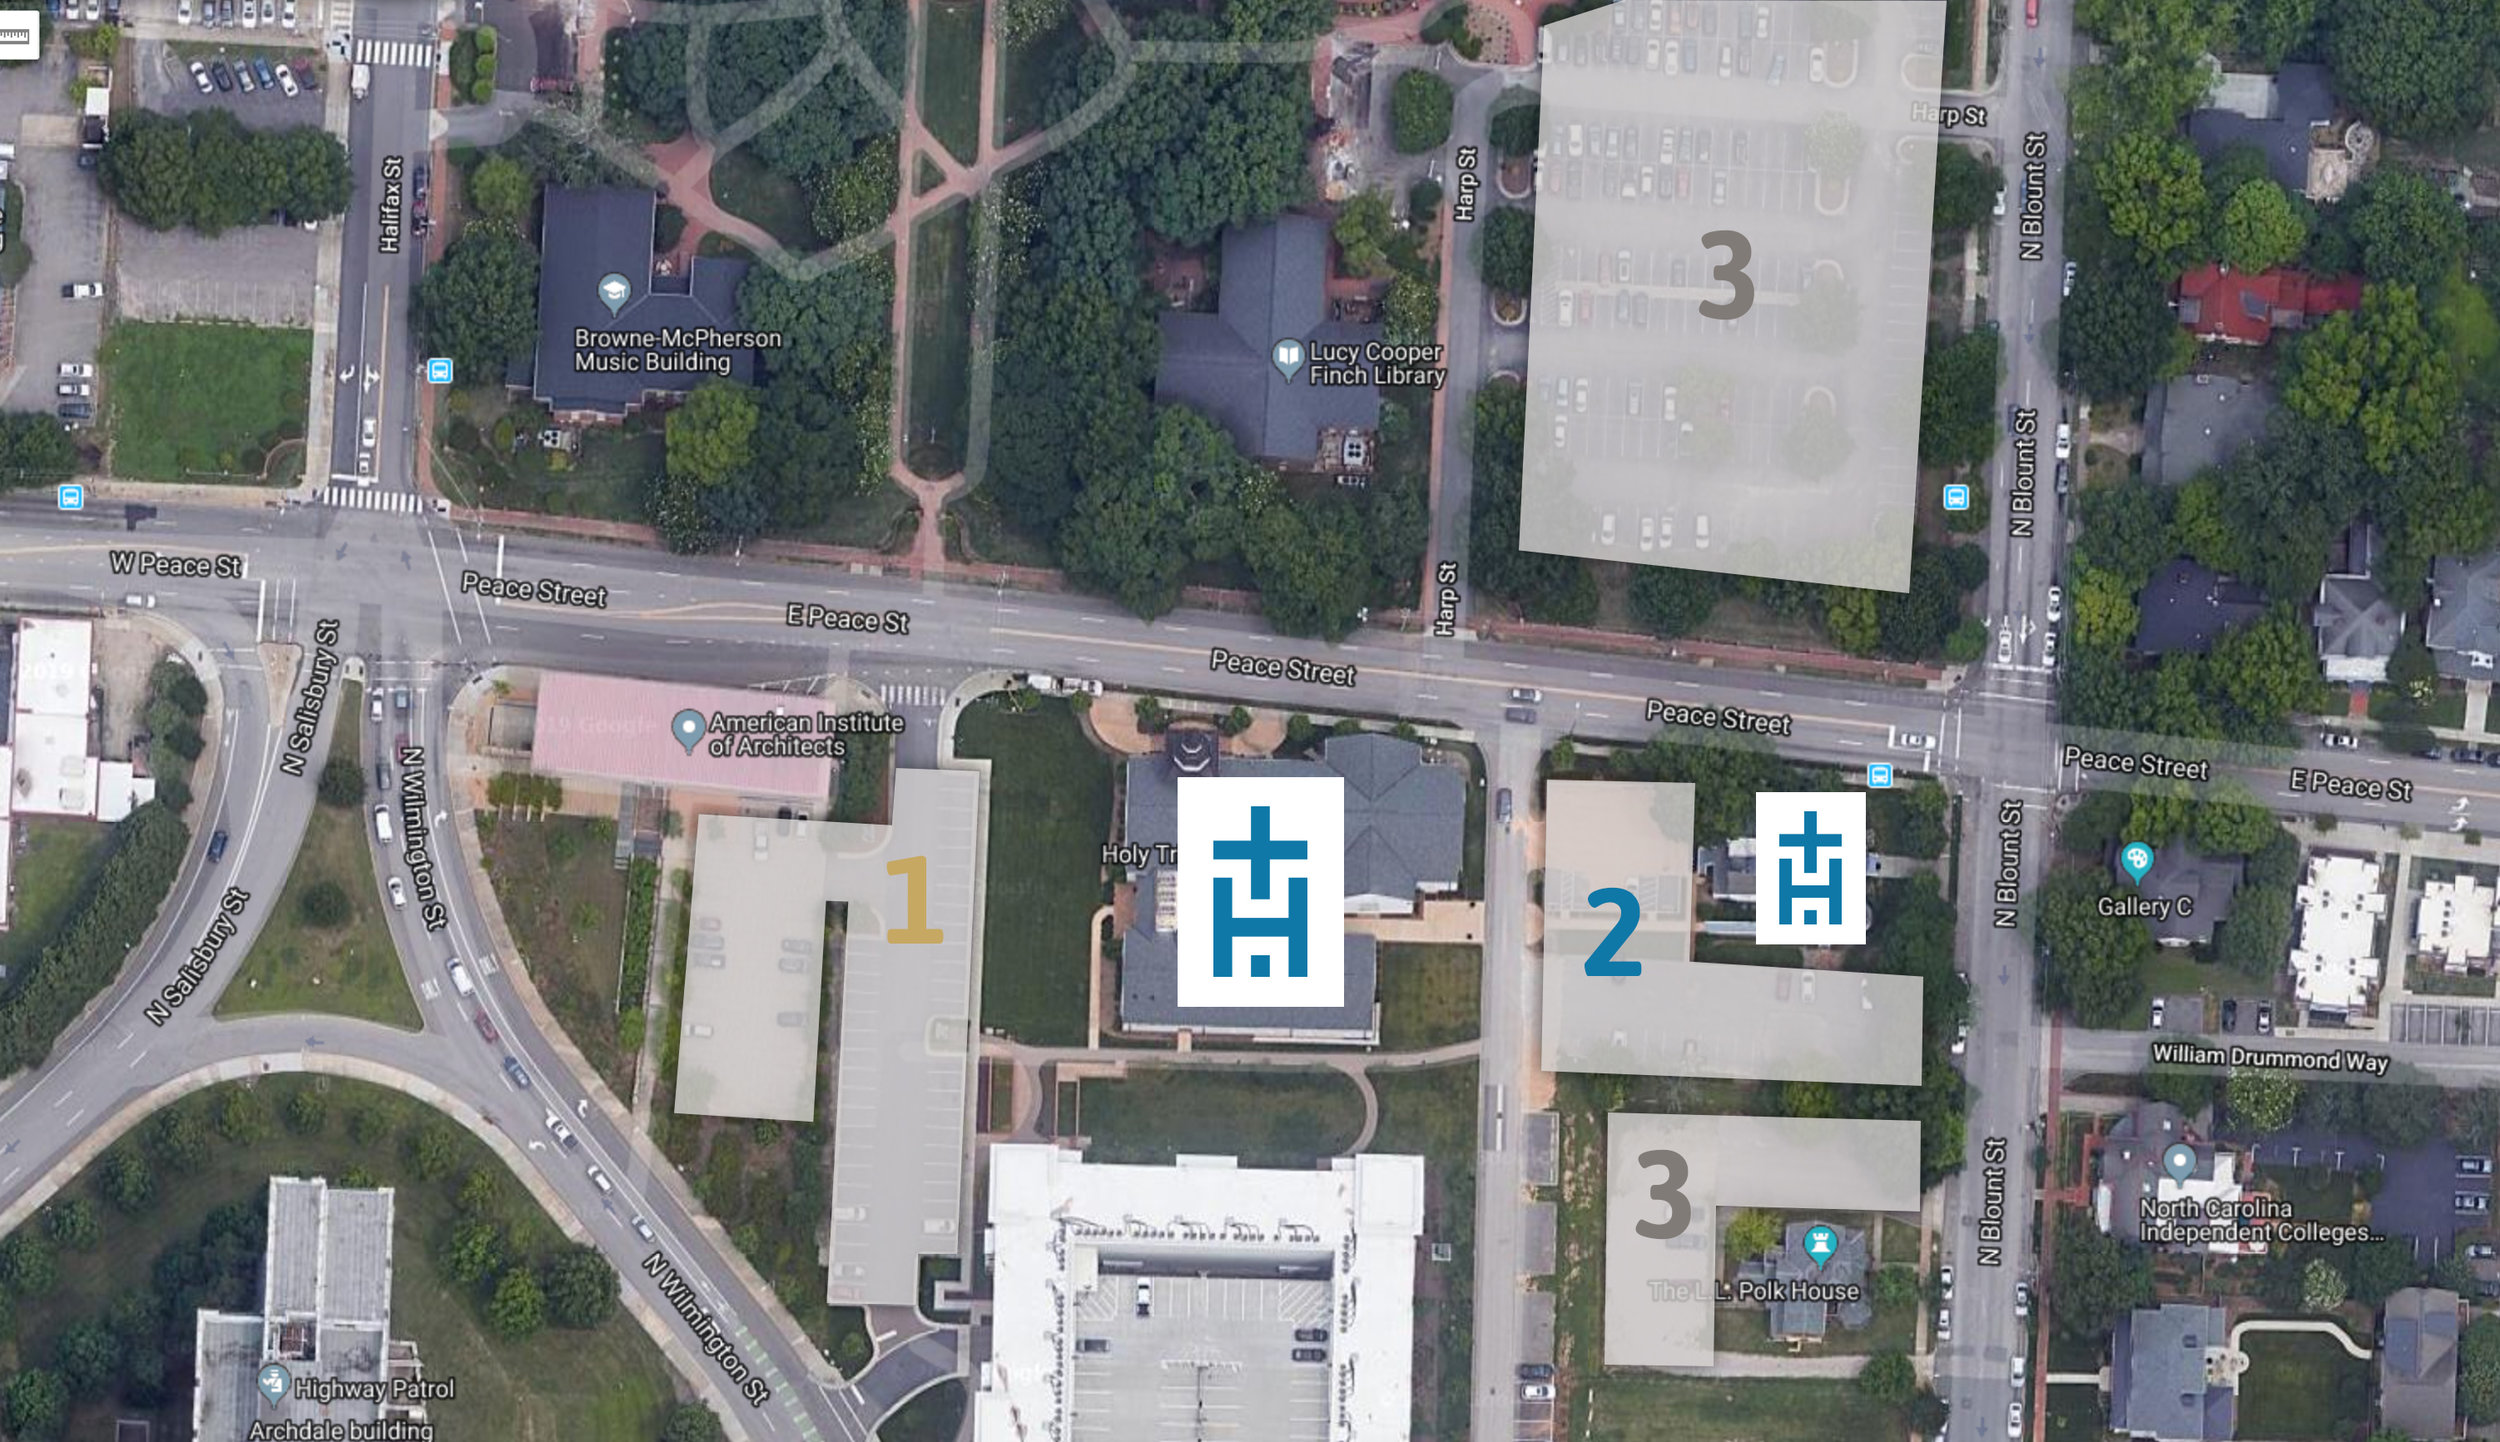 HT-parking-map.jpg